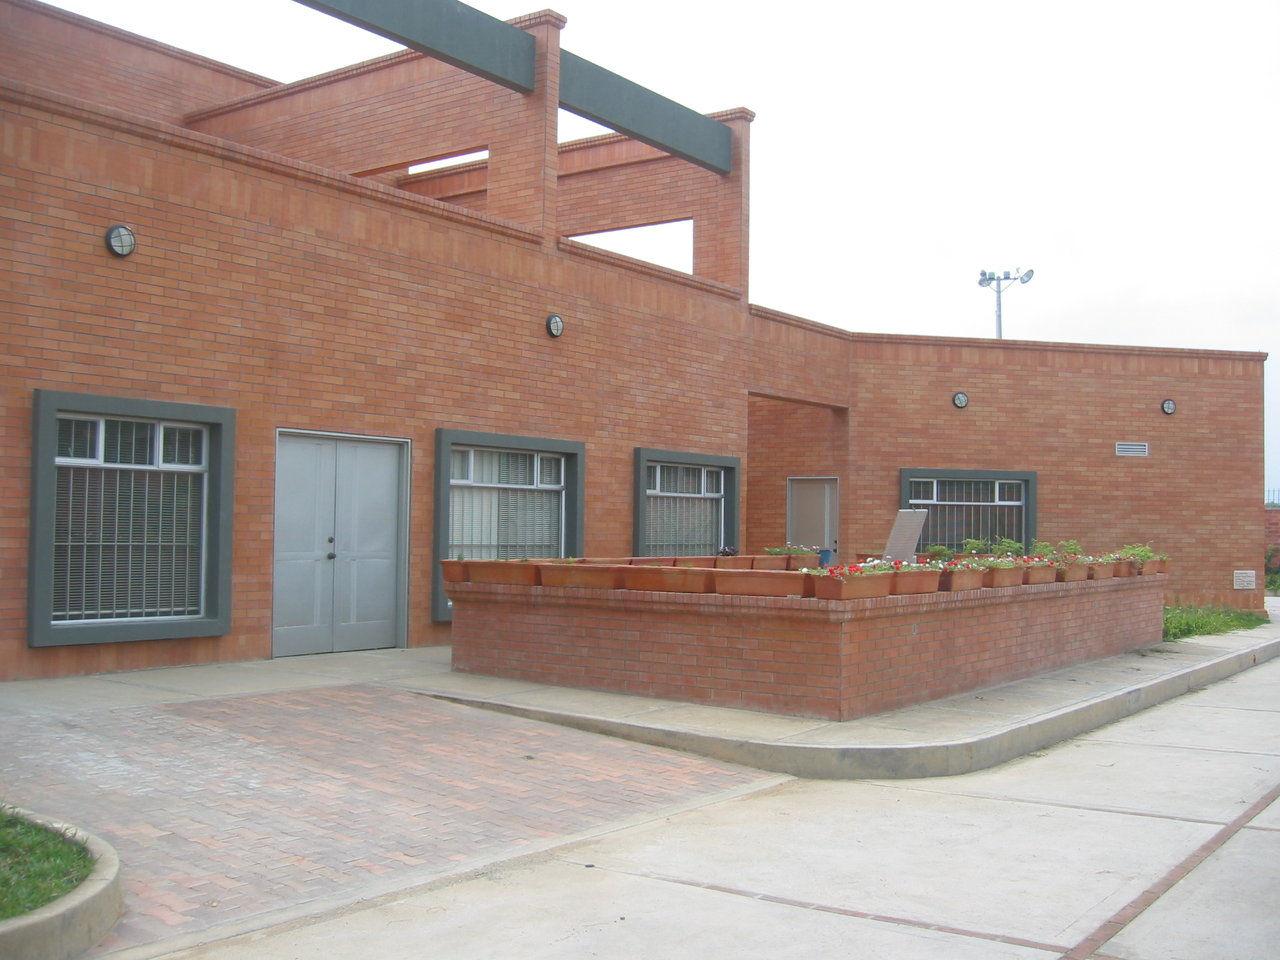 Deposito de materiales en bucaramanga pisos para - Materiales de construccion para fachadas ...